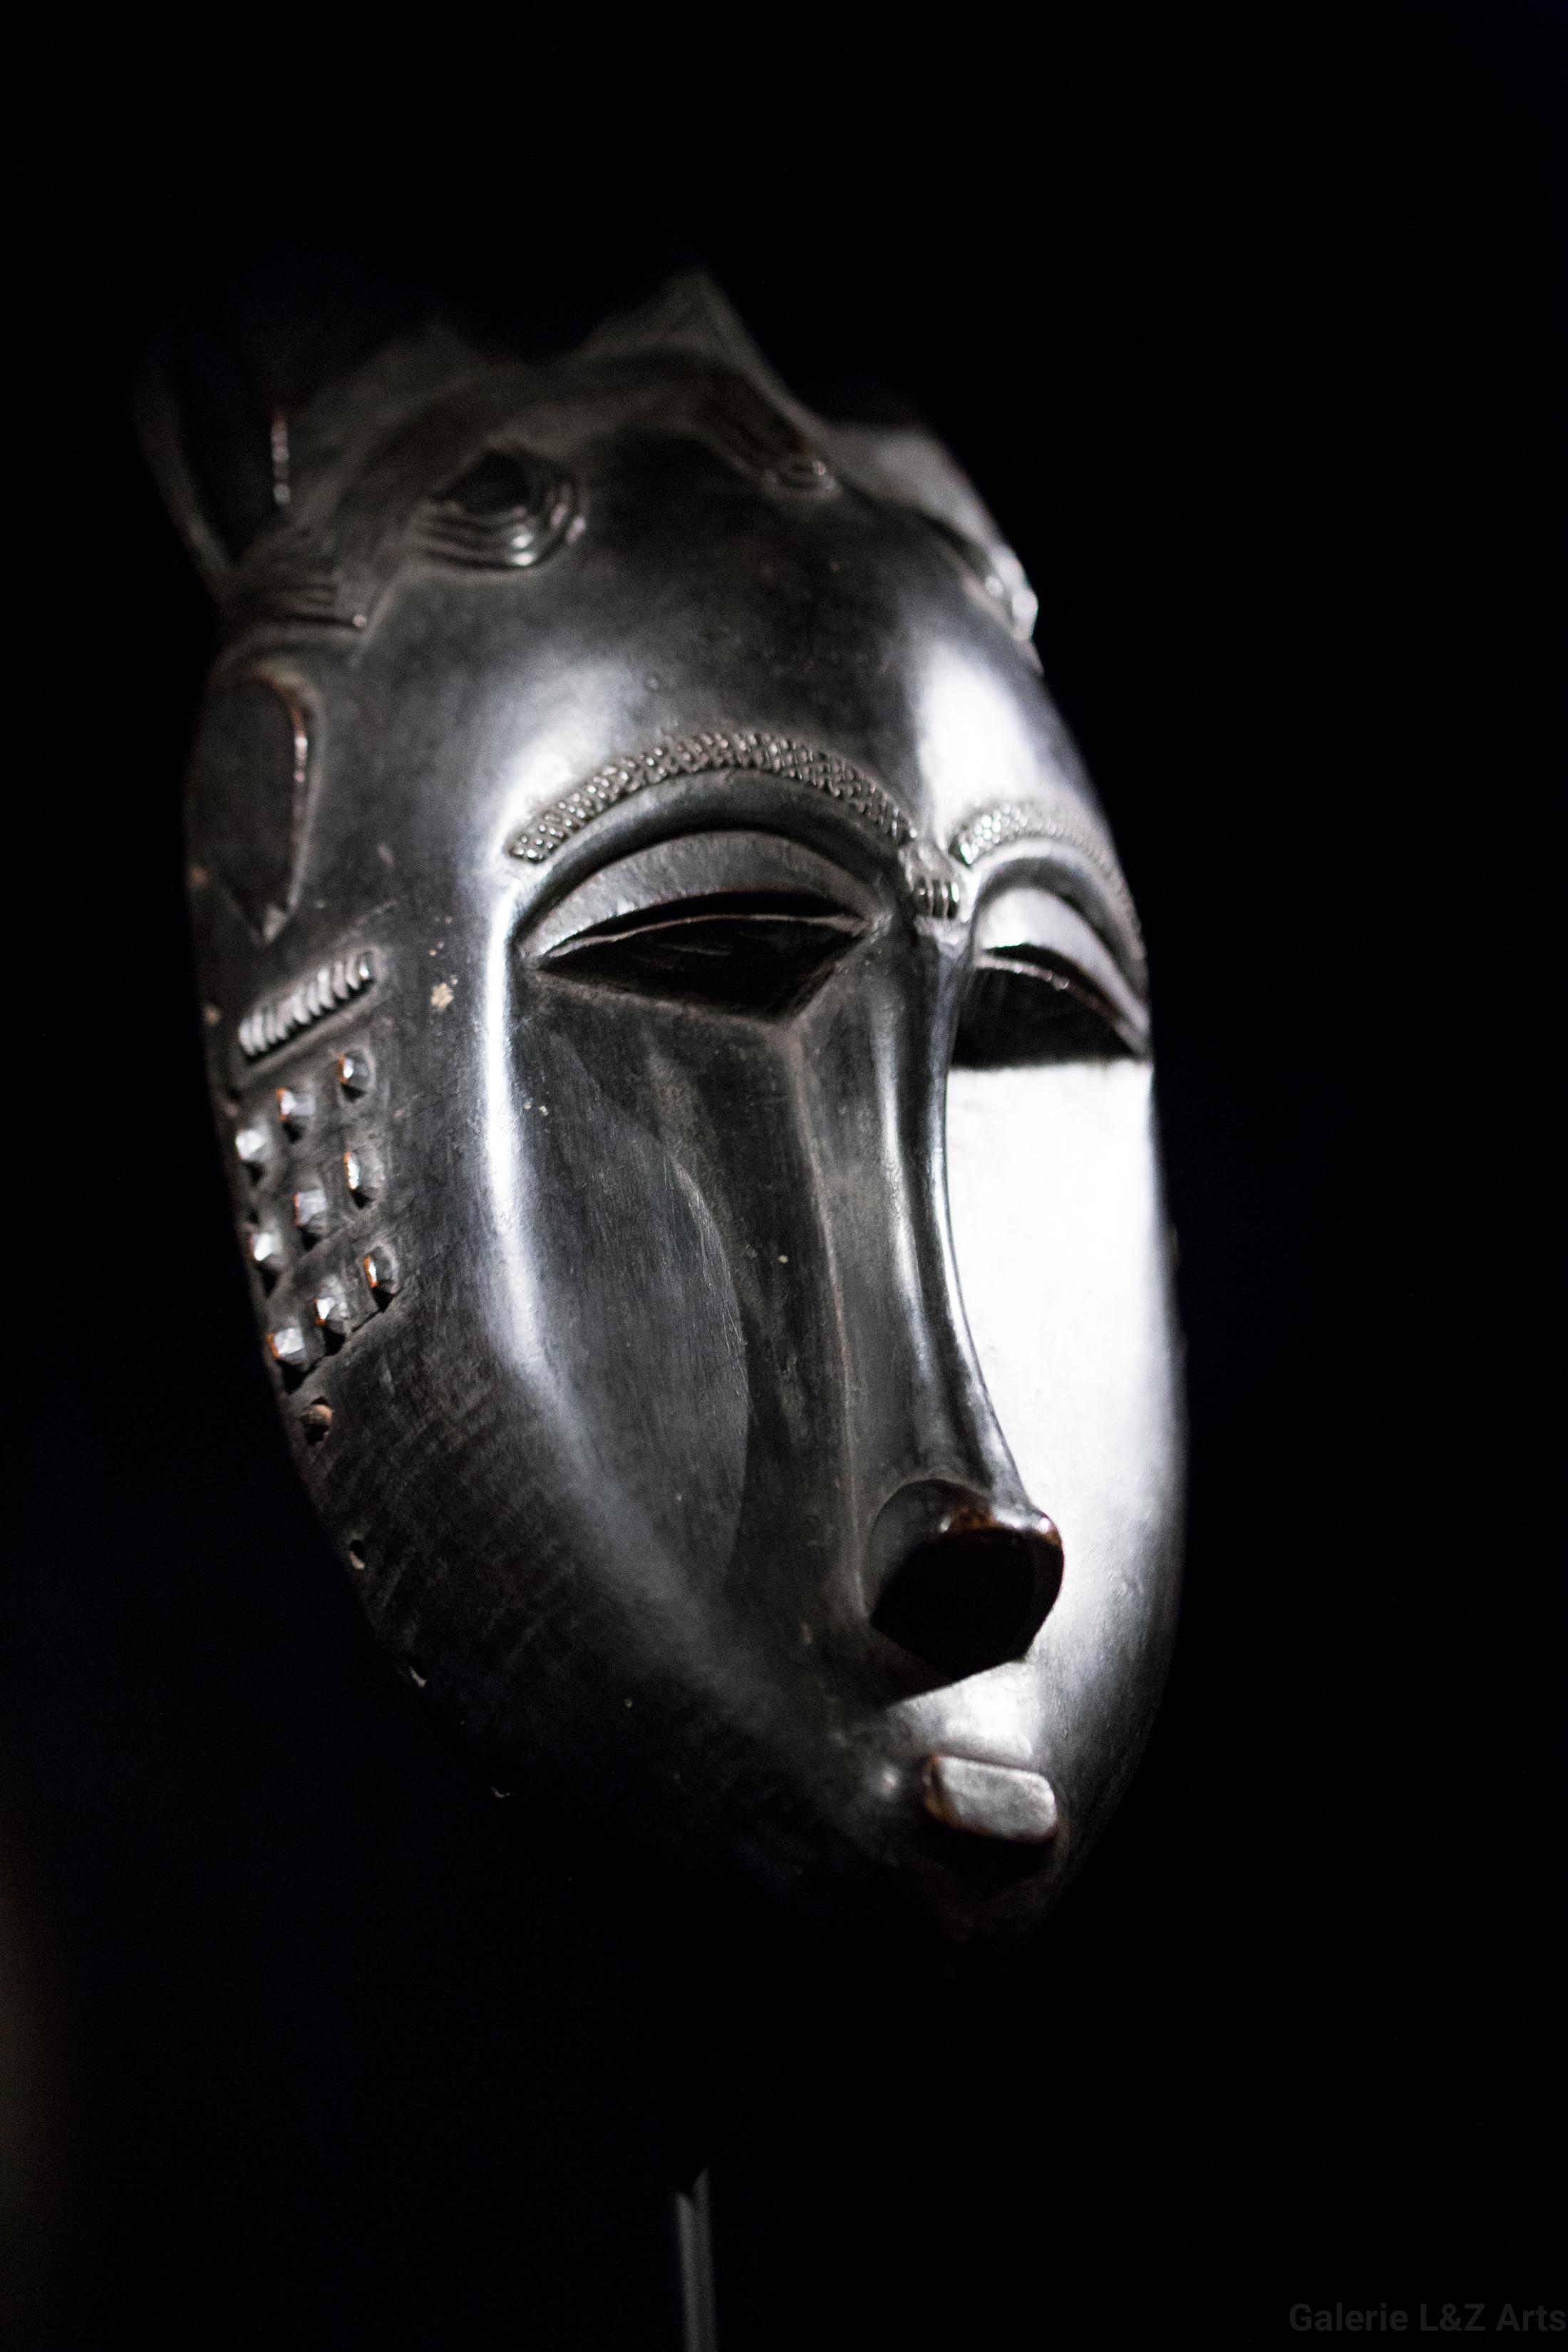 exposition-masque-art-tribal-africain-musee-quai-branly-belgique-galerie-lz-arts-liege-cite-miroir-oceanie-asie-japon-amerique-art-premier-nepal-11.jpg